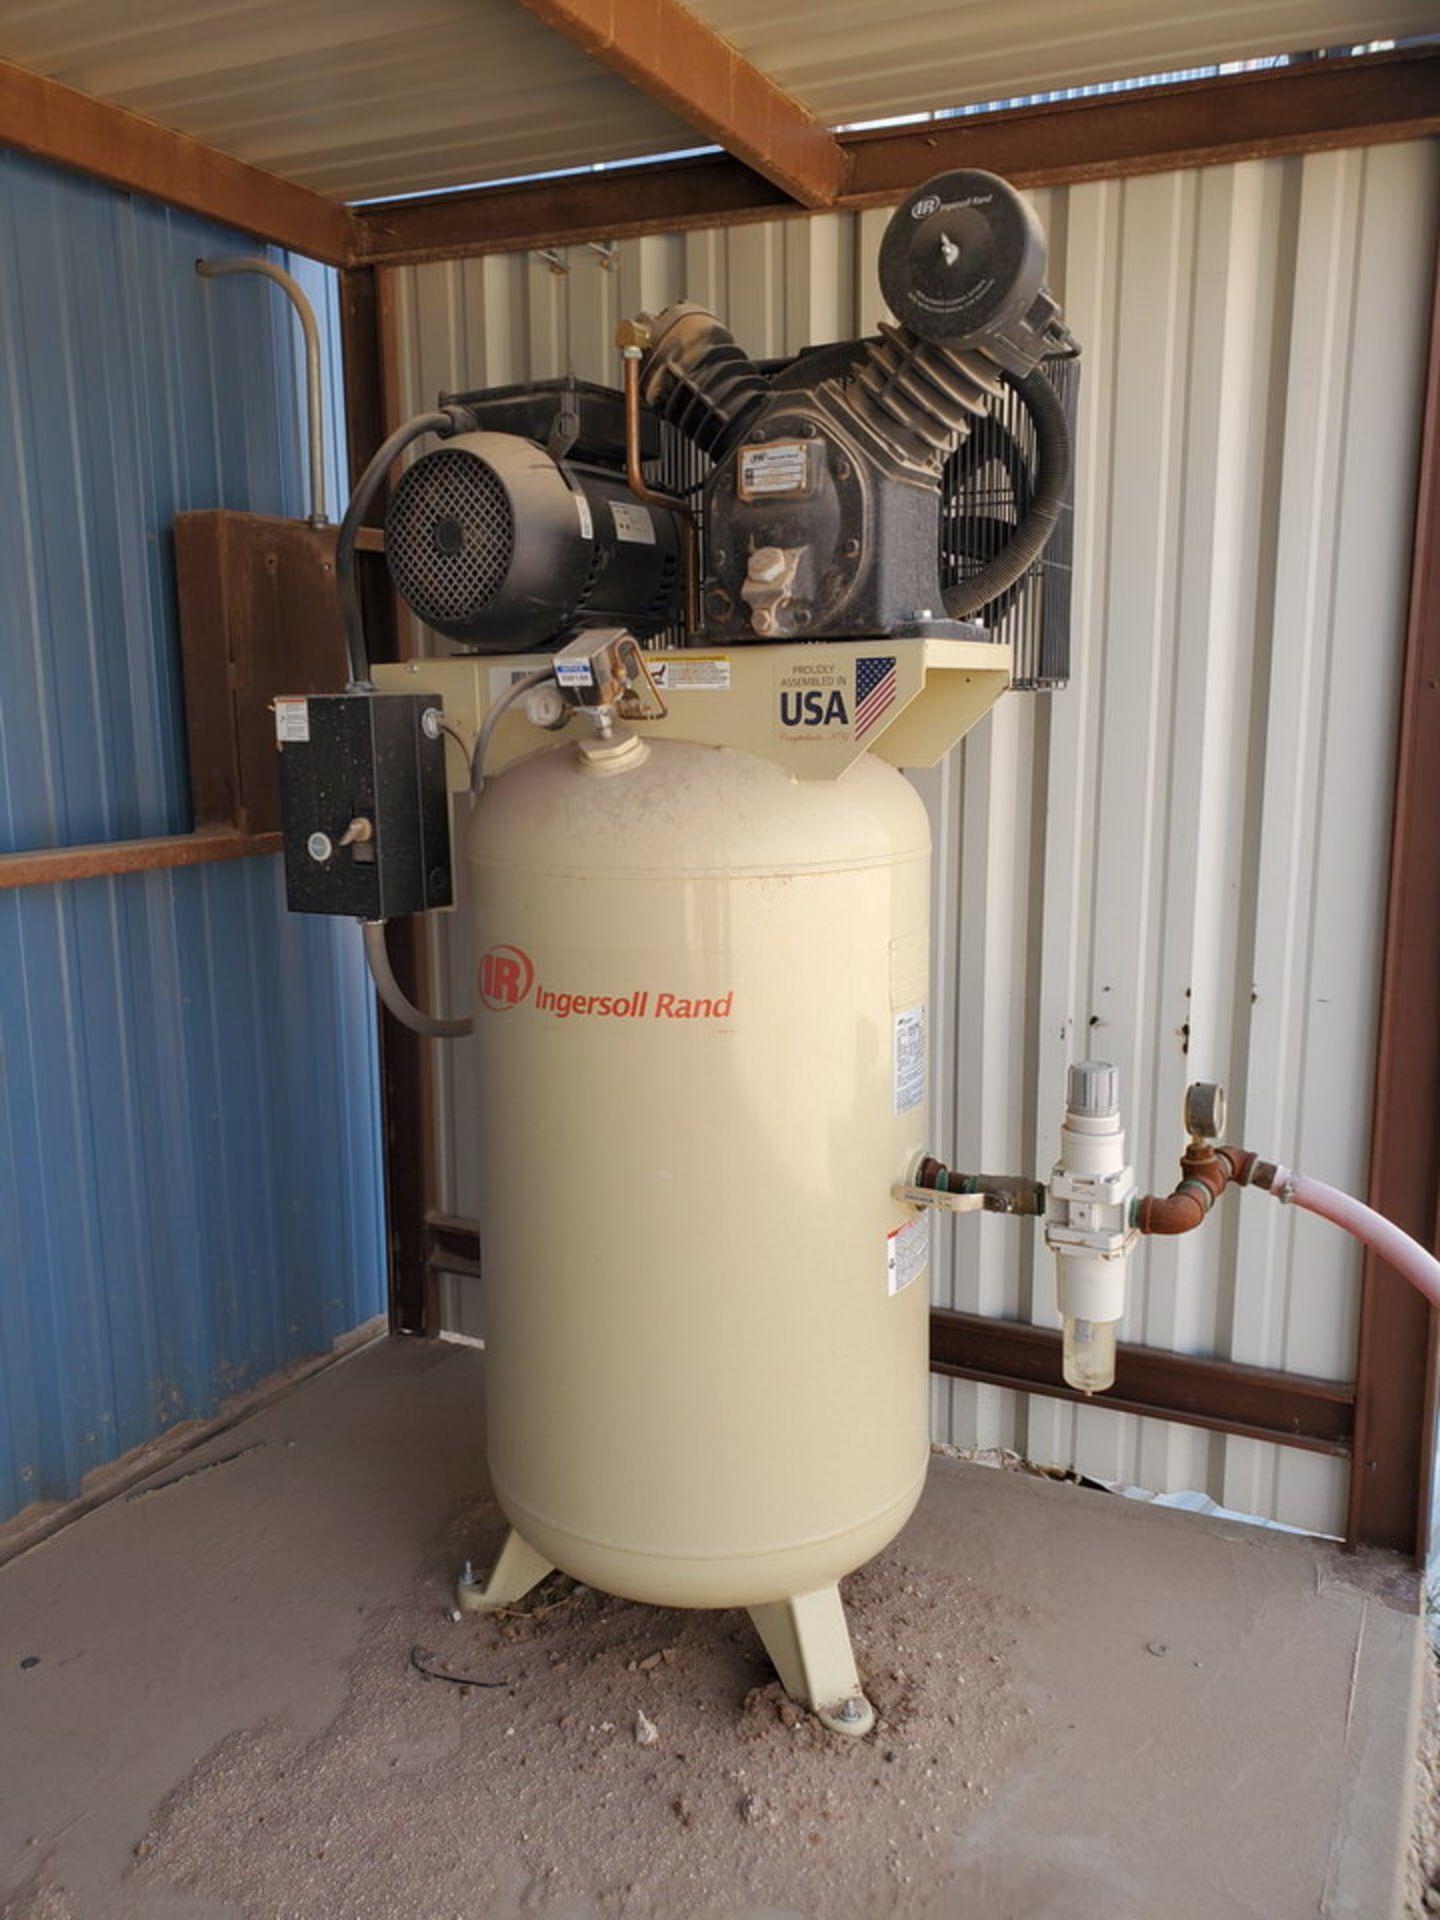 IR Air Compressor 230V, 60HZ, 1PH, 175 MAWP - Image 2 of 4